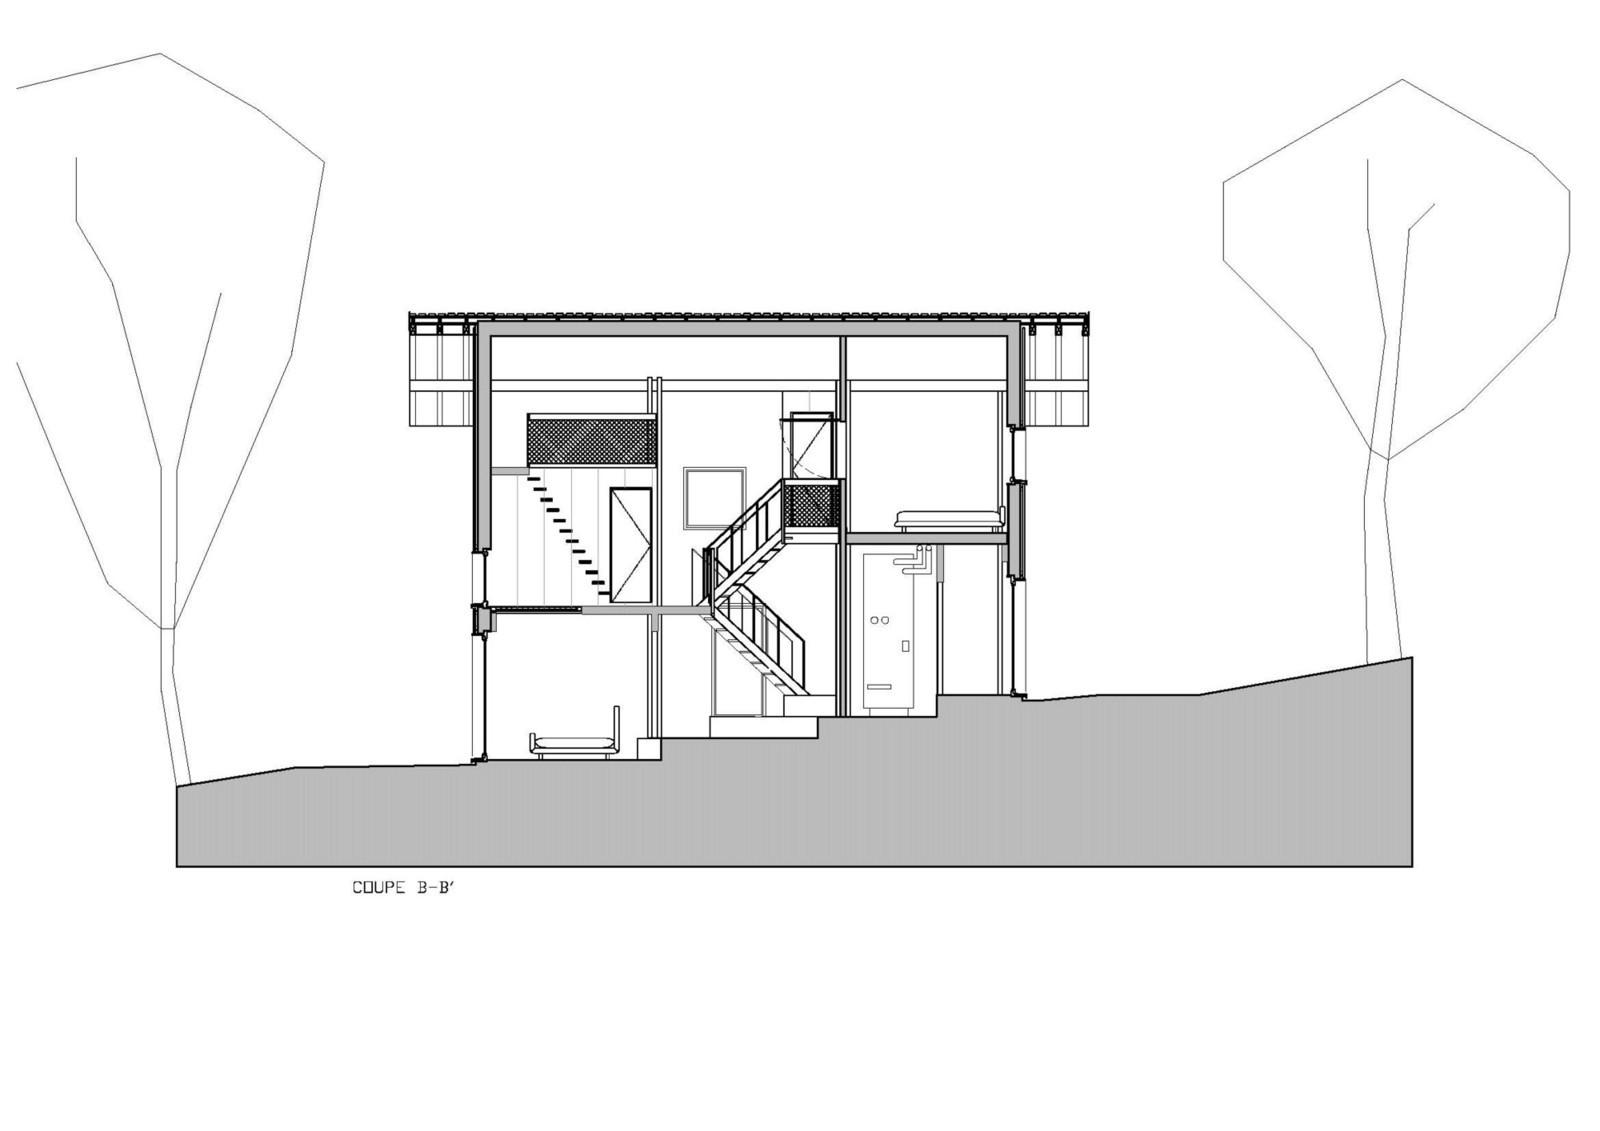 cottage-r-just3ds.com-19